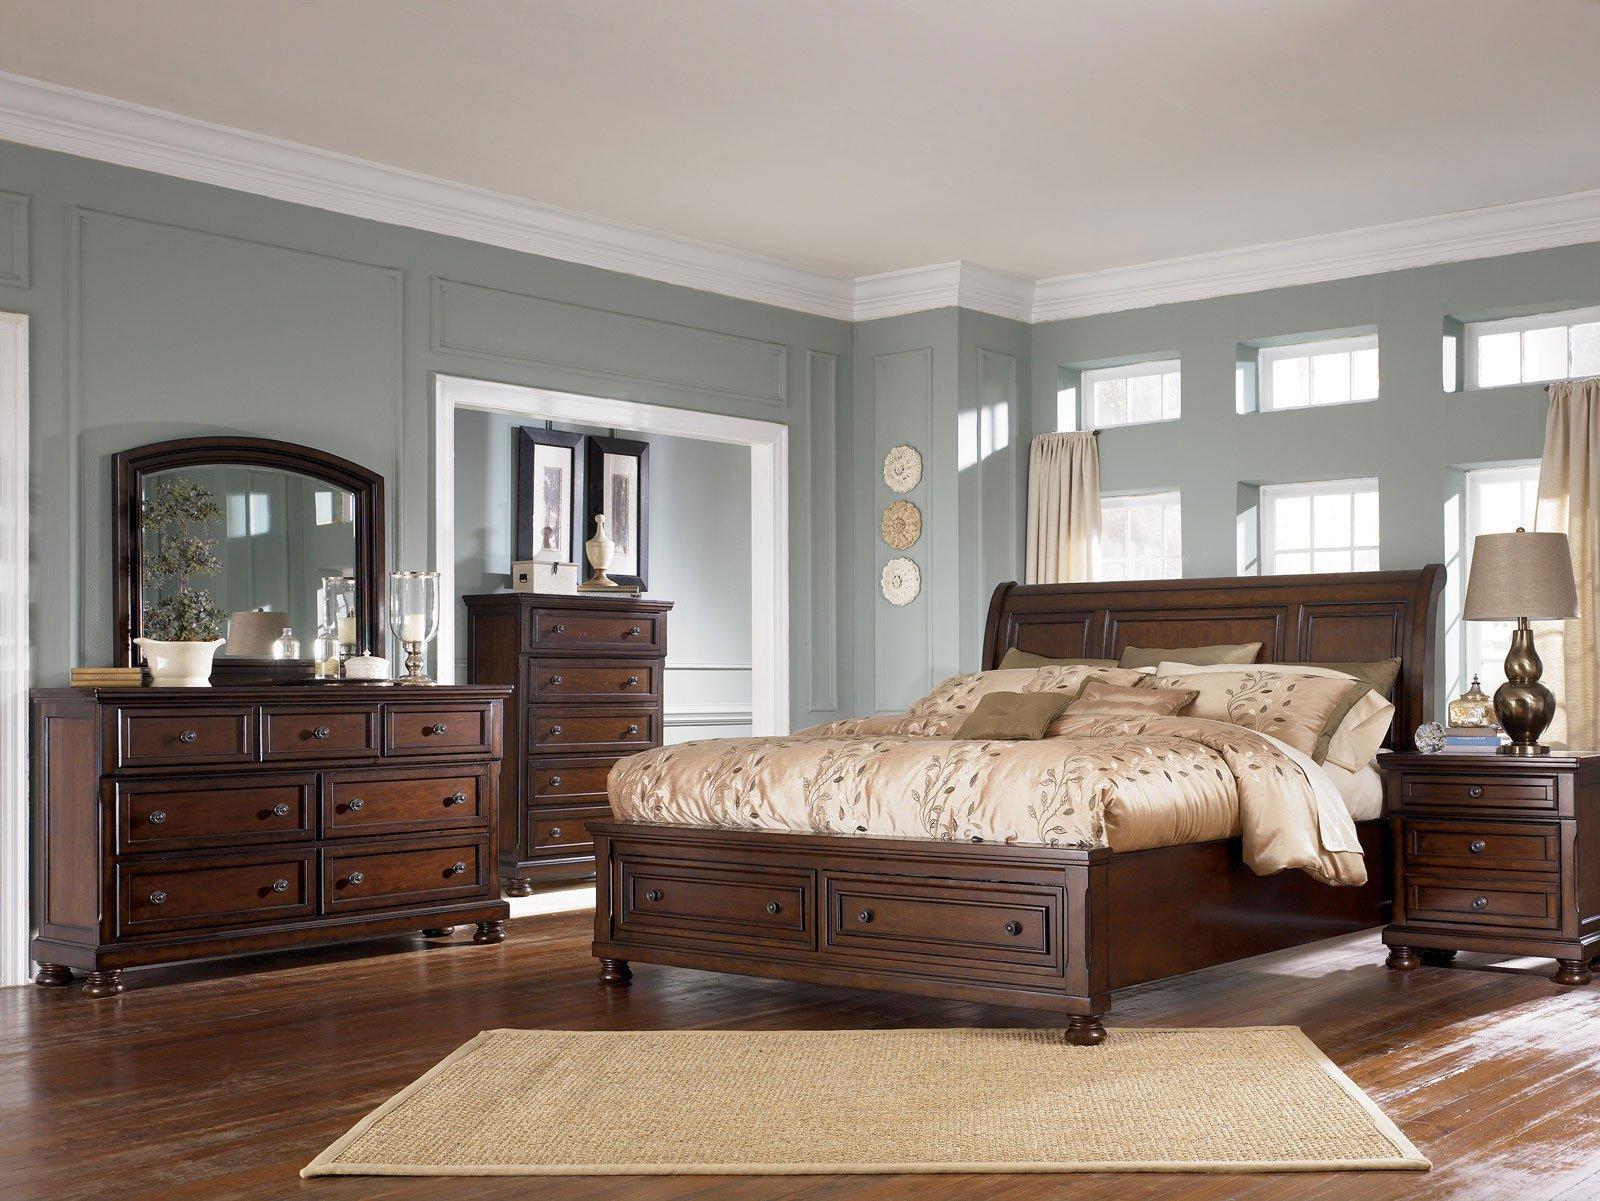 Ashley Porter Bedroom Set Elegant Bedroom Royal Queen Sleigh Bed Frame with Elegant Creative